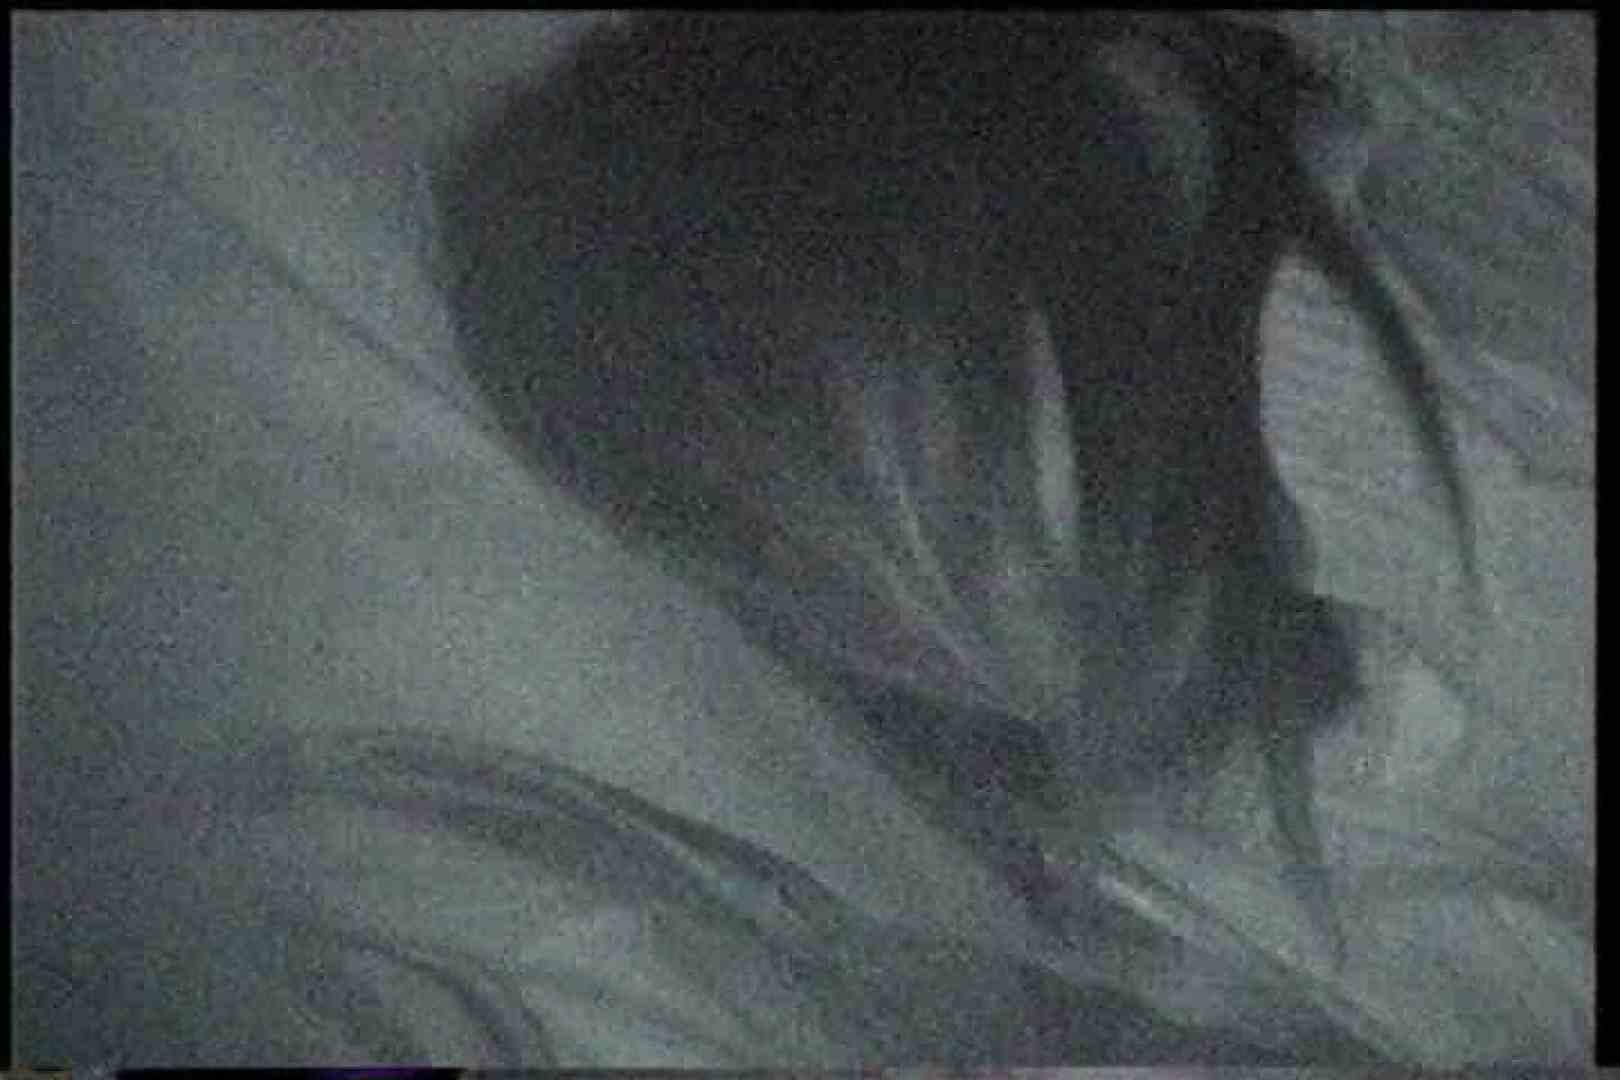 充血監督の深夜の運動会Vol.165 OLエロ画像  105PICs 104